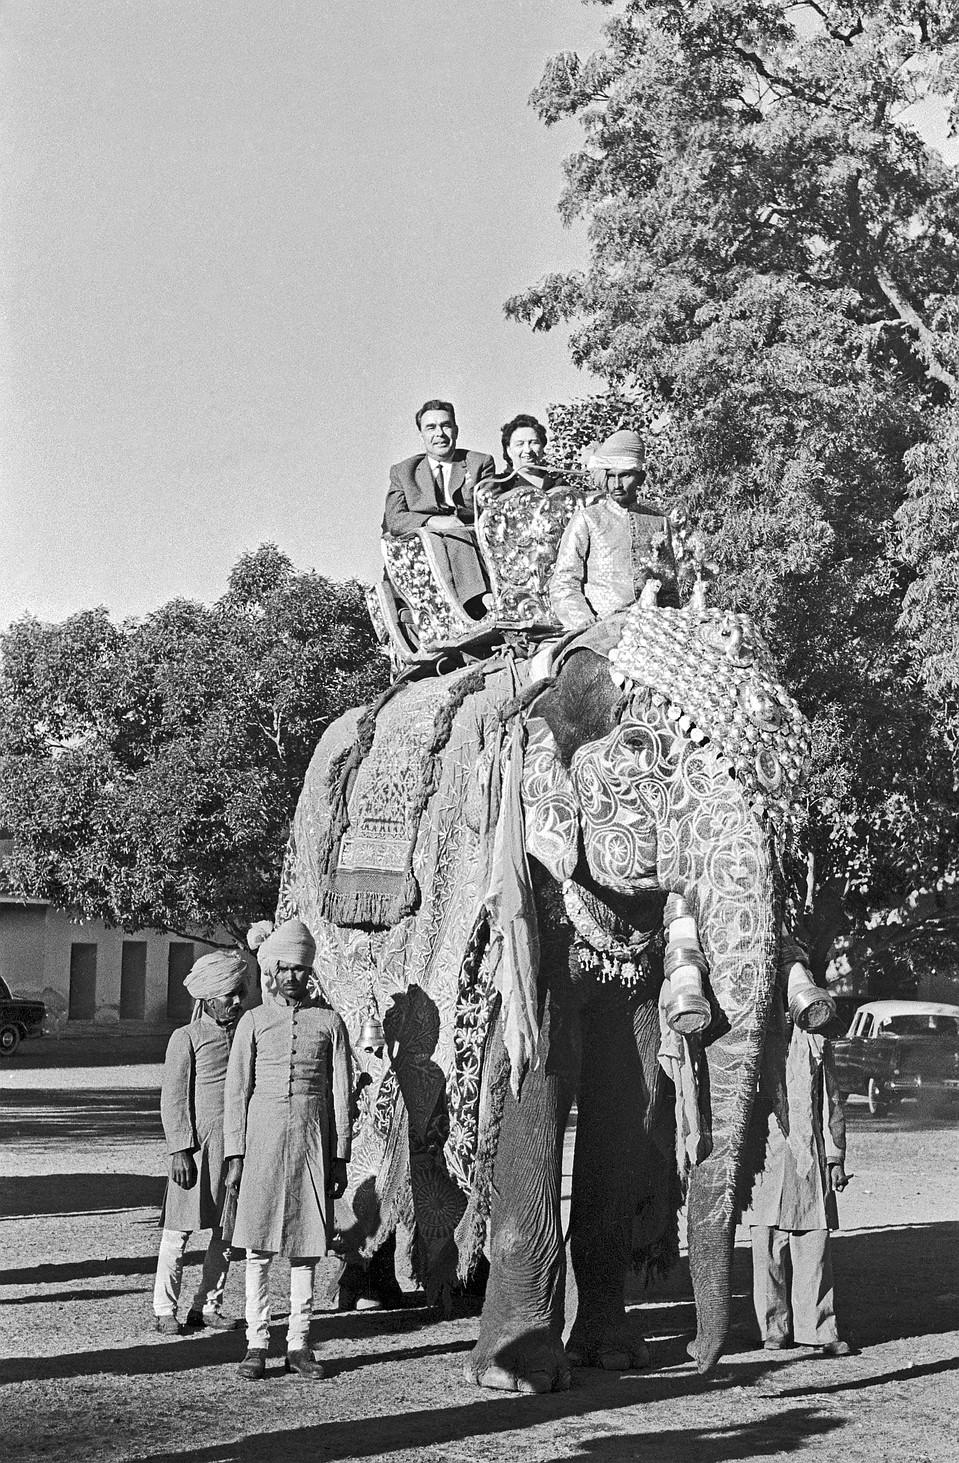 Виктория Брежнева чувствовала себя за своим мужем - Леонидом Брежневым, как за слоном, поэтому, выйдя за него, бросила работу и занималась лишь детьми. (На фото - 1961 год, Индия.) Фото: ТАСС